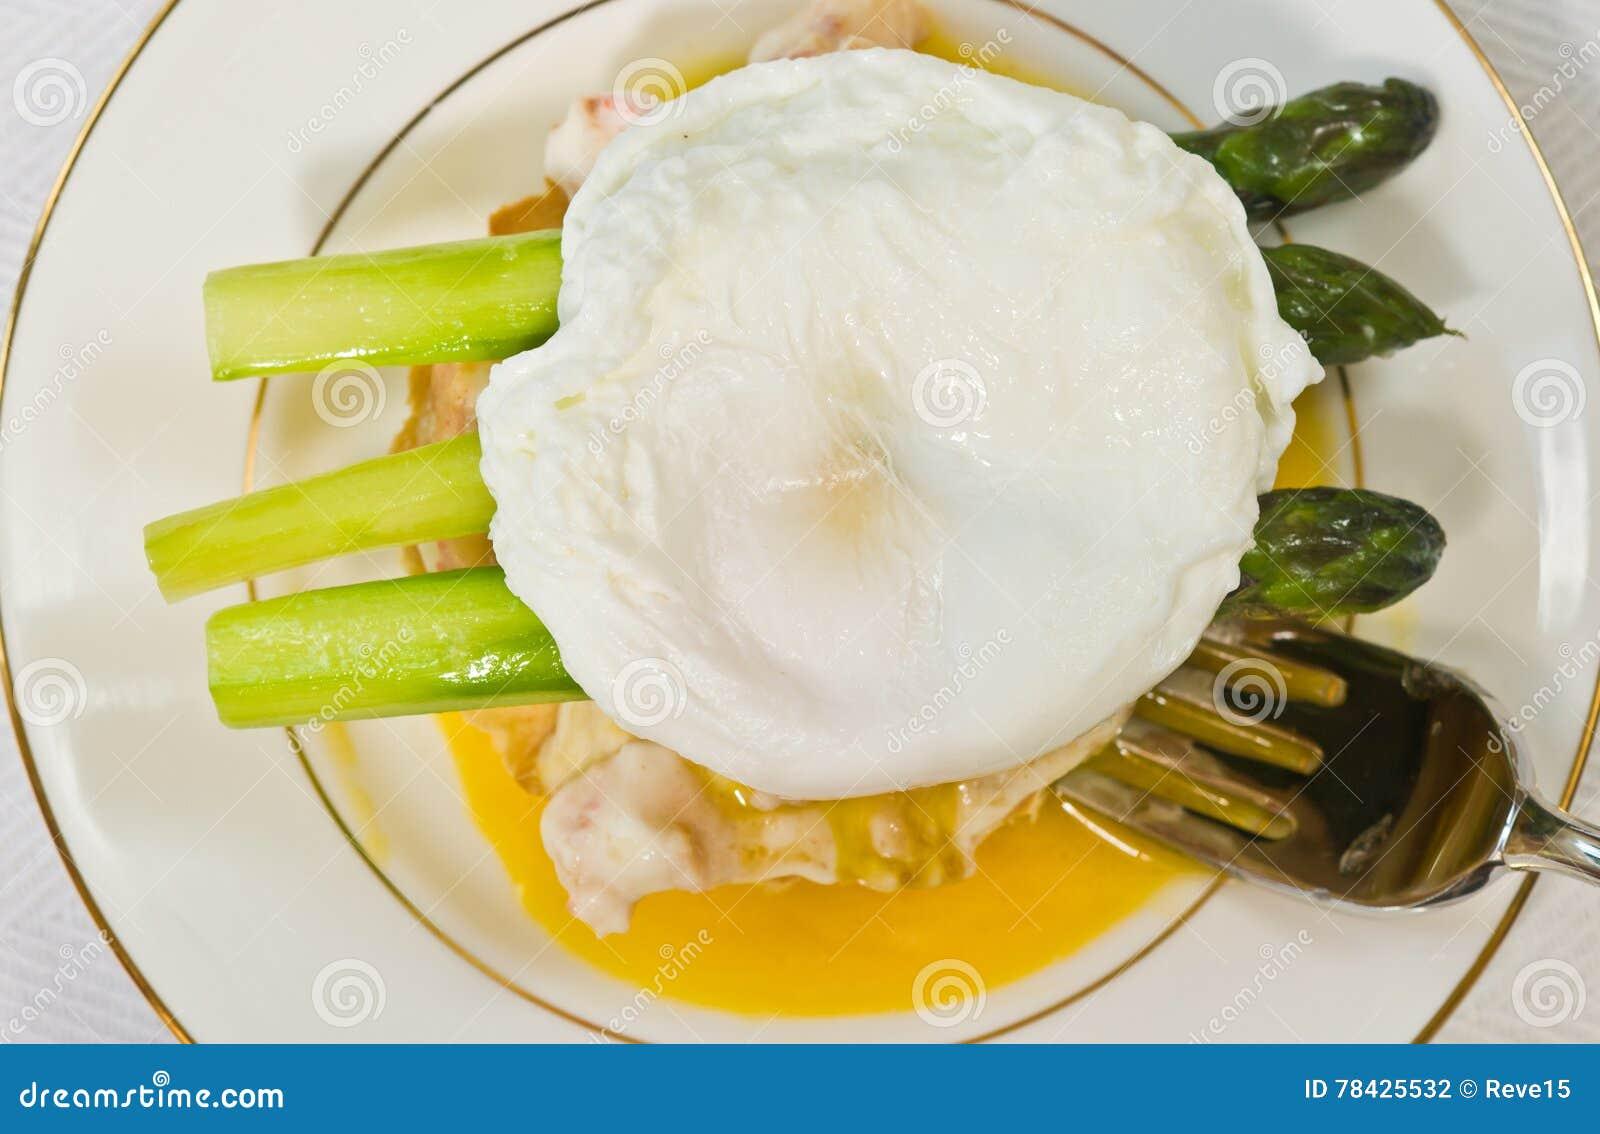 Egg Lobster Oscar With Taragon And ...